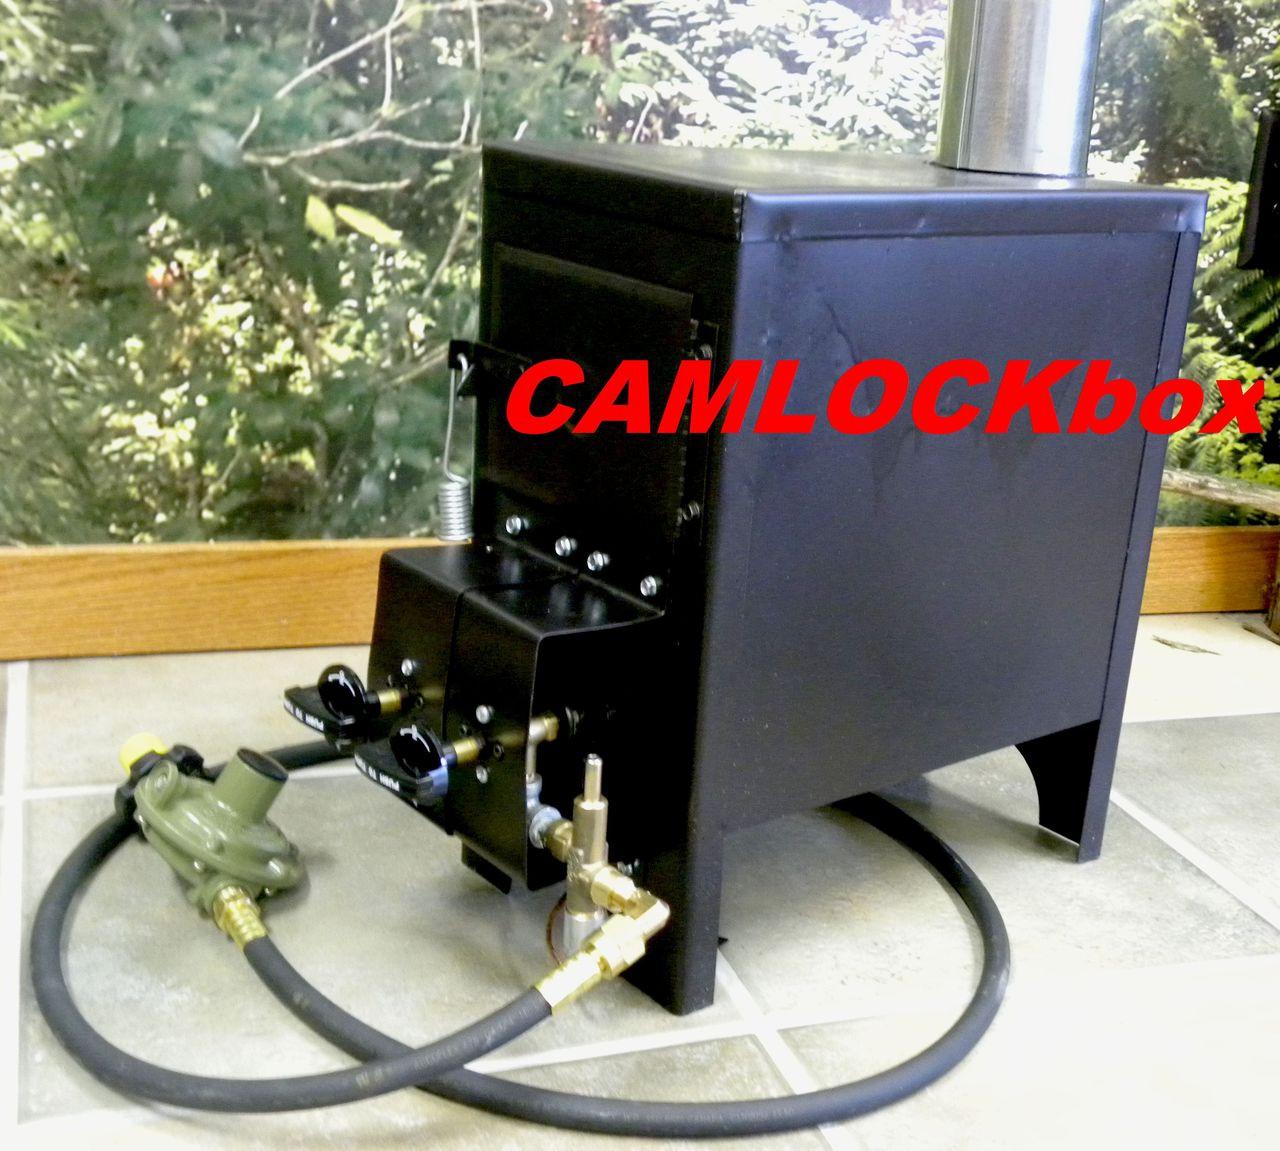 Nu Way Propane Stove Model 4000 Camlockbox